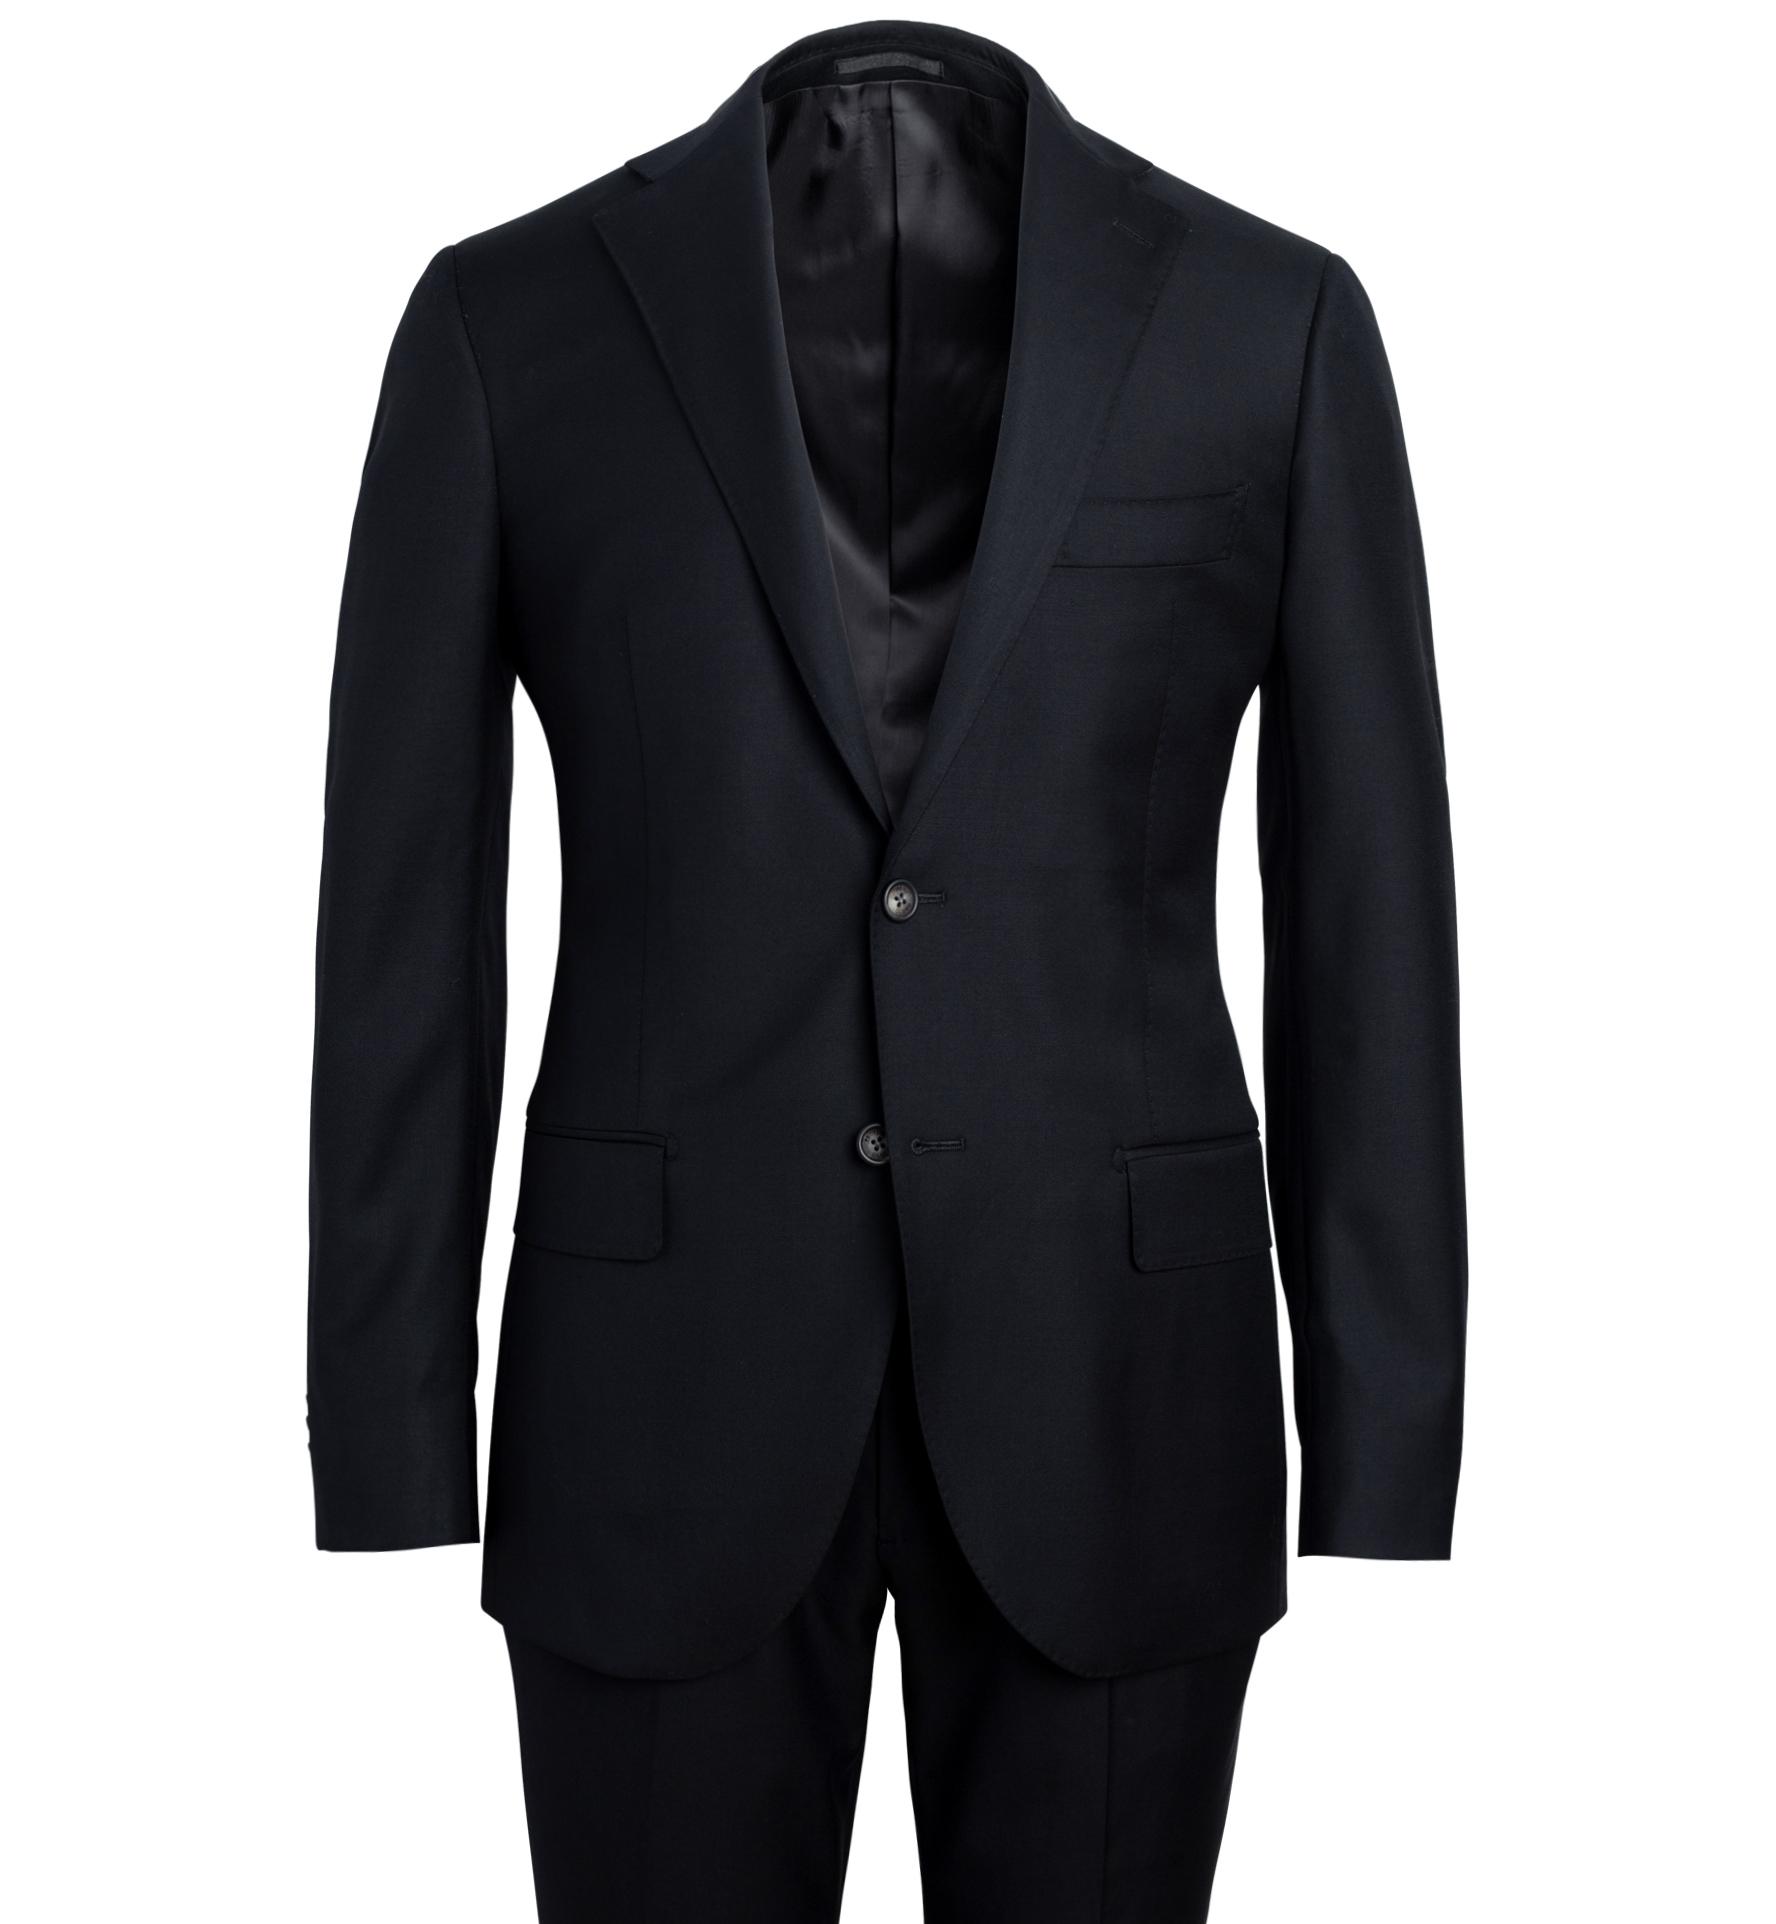 Zoom Image of Allen Black S110s Wool Suit